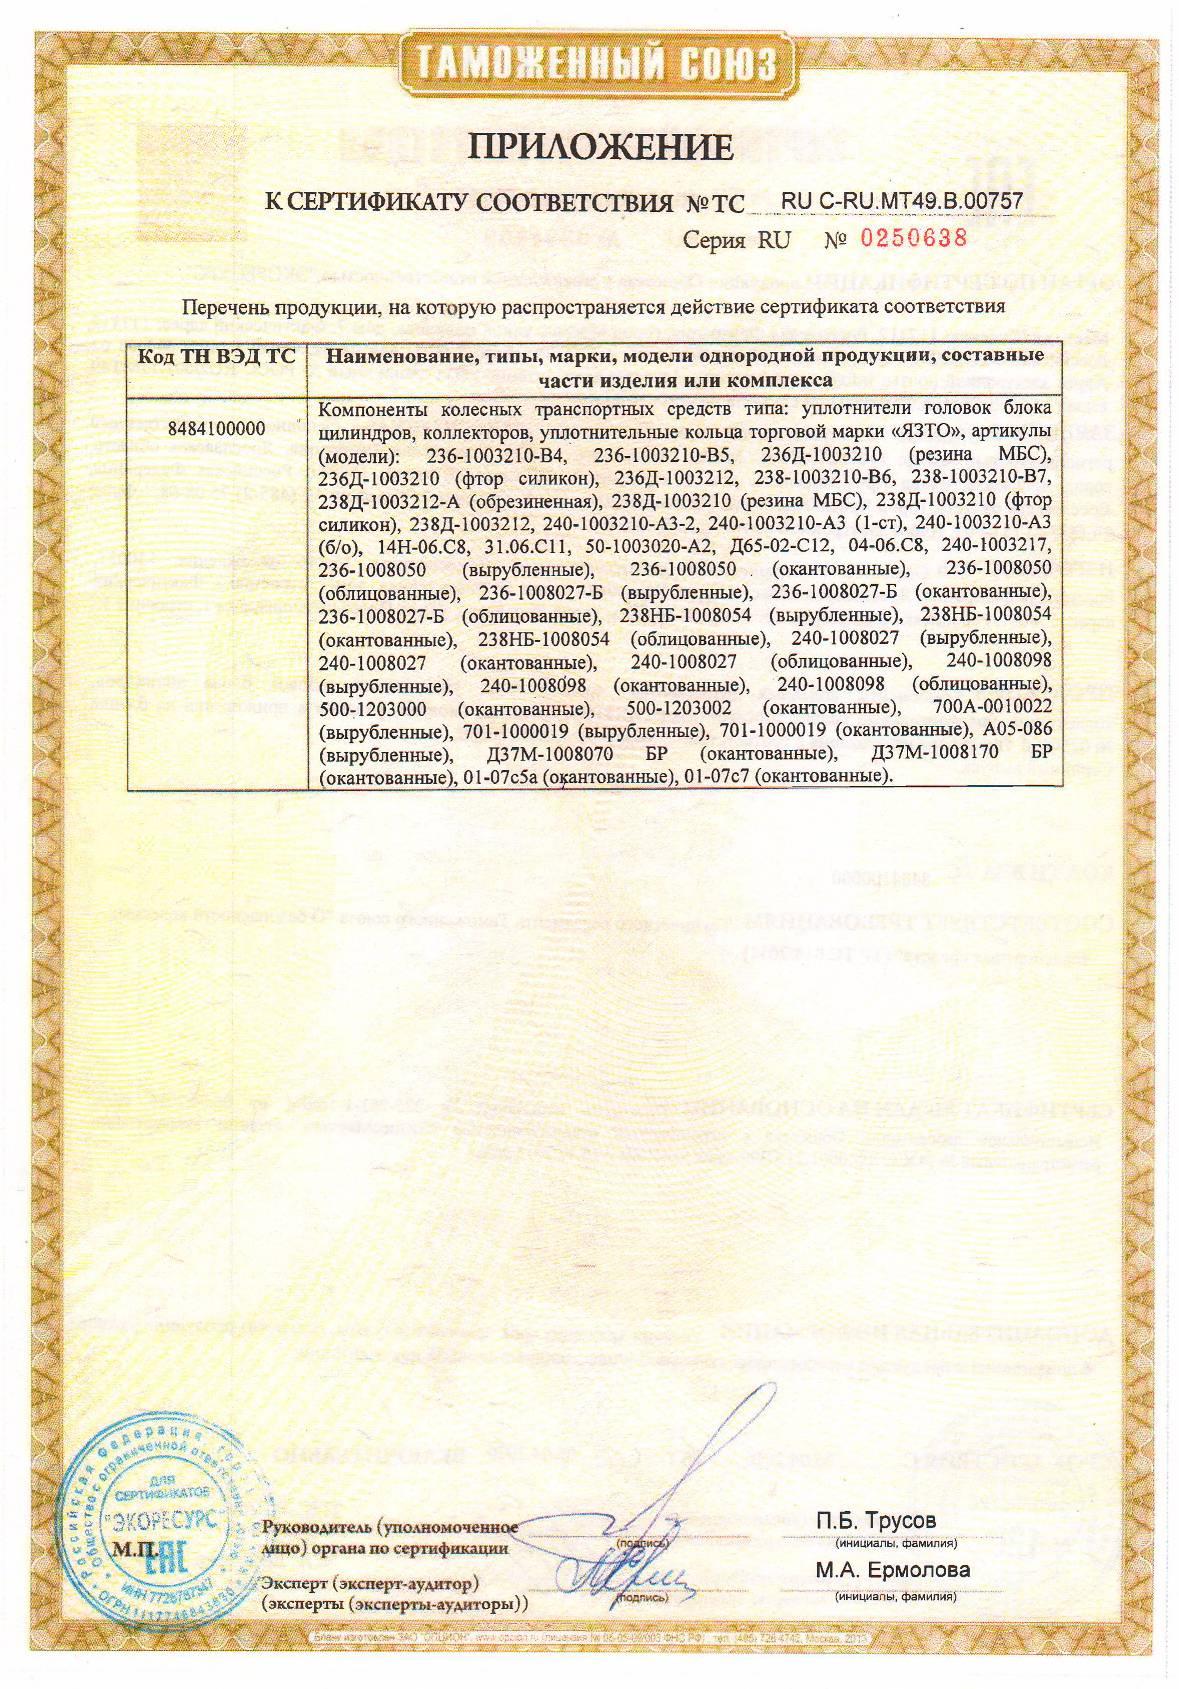 Приложение к сертификату соответствия на прокладки ЯЗТО-АВТО 2016